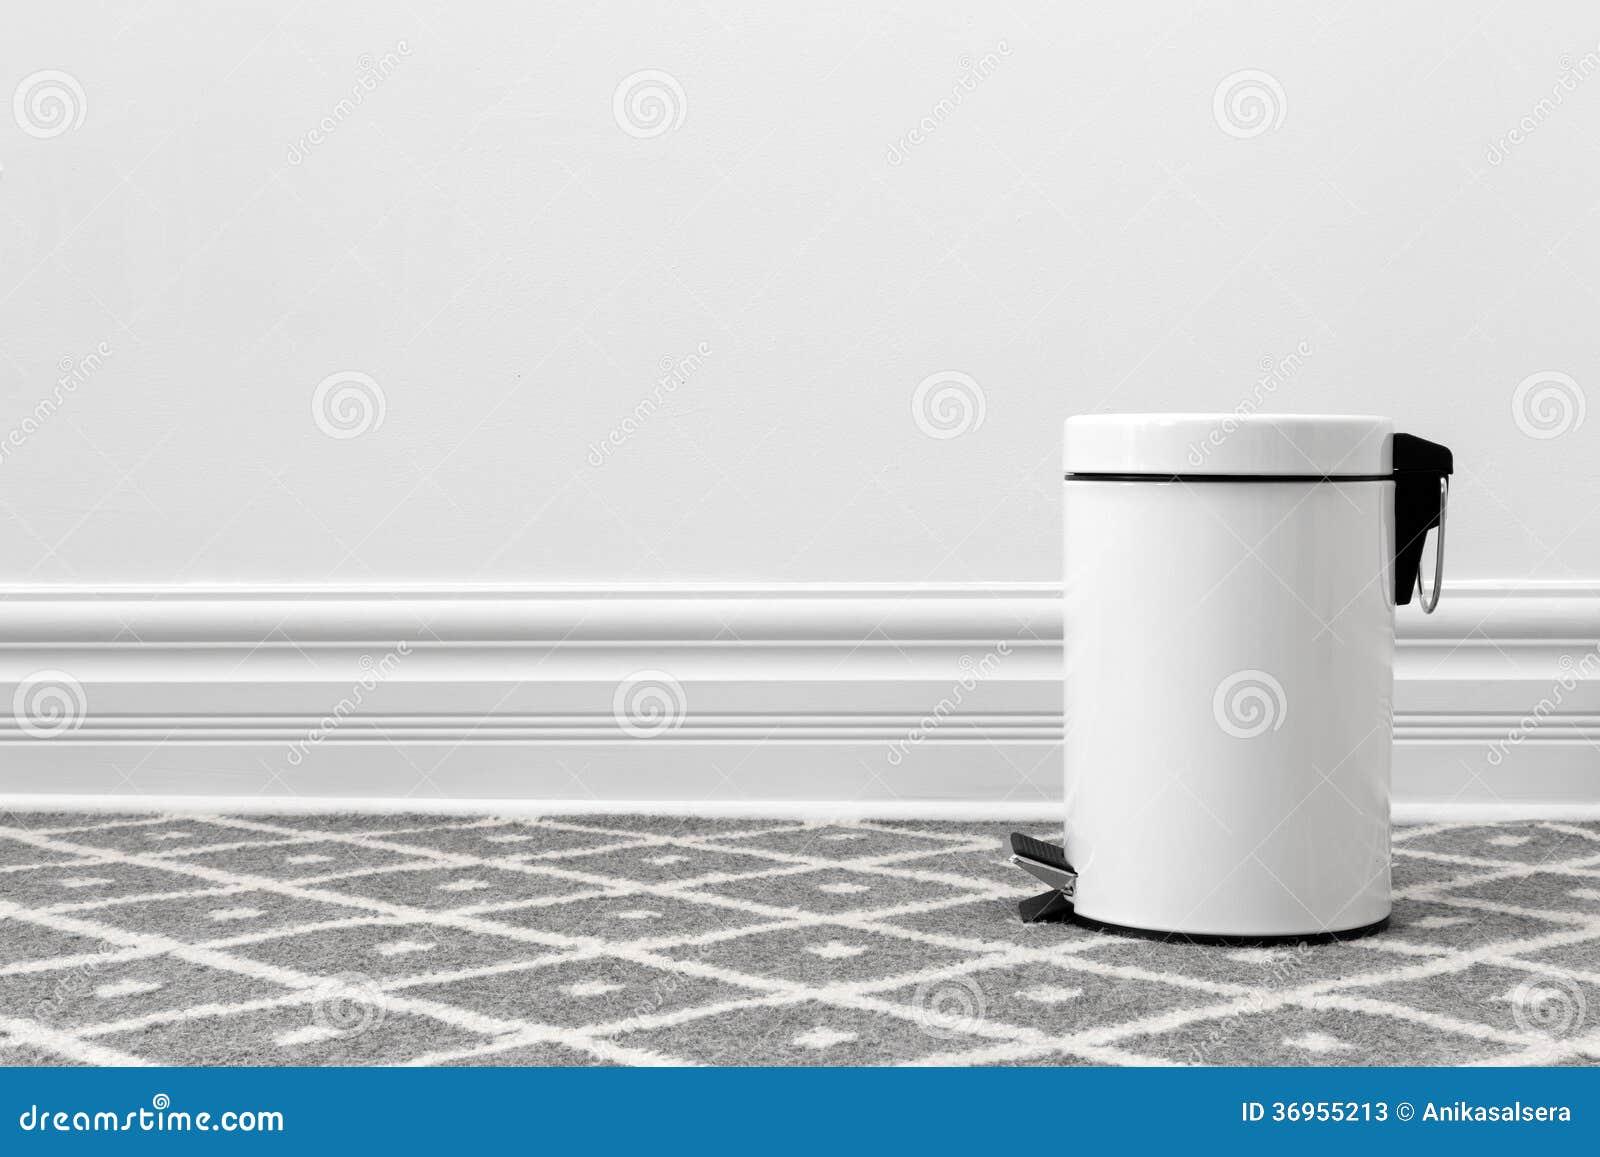 Bote de basura blanco imagen de archivo. Imagen de diseño - 36955213 23b12621ad99